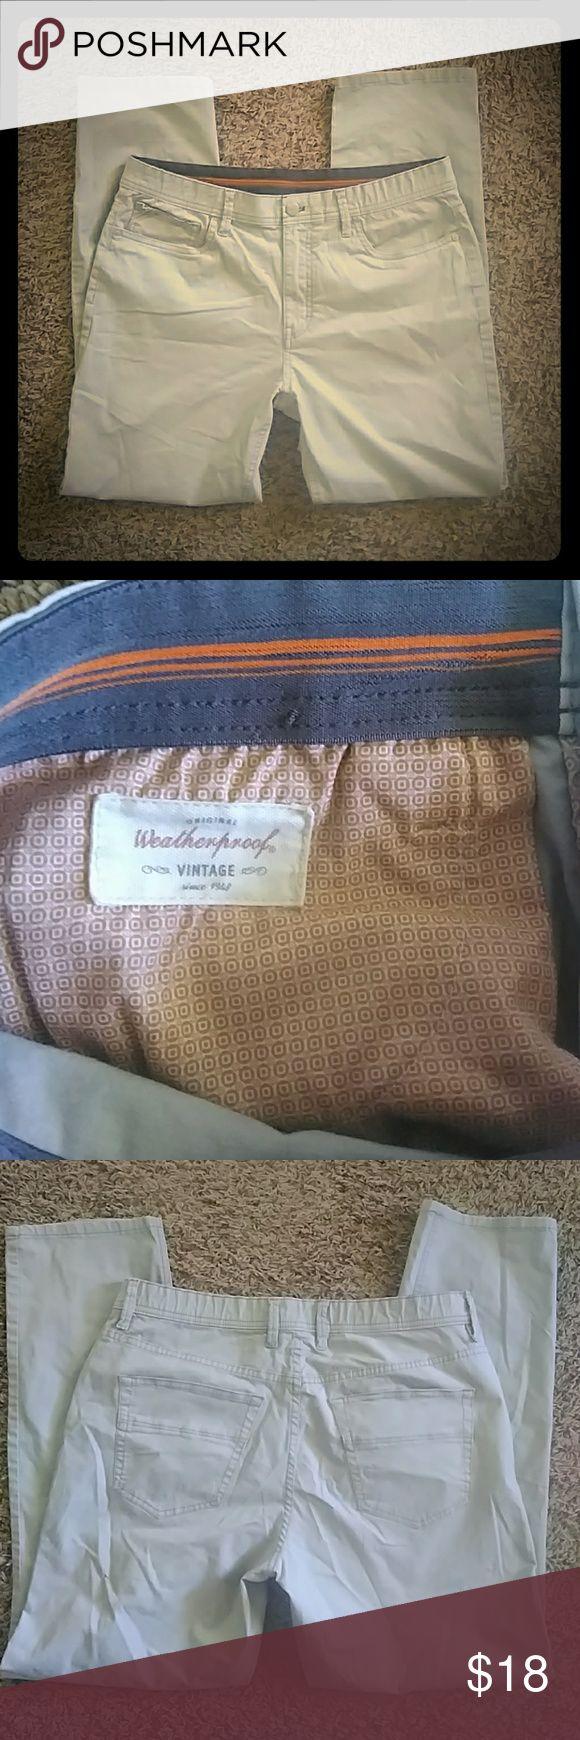 Mens Vintage Weatherproof Pants Nice men's casual pants.....Flat front, no stains, 34Wx30L.  Questions? Offers?  Give me a shout...... weatherproof vintage Pants Chinos & Khakis